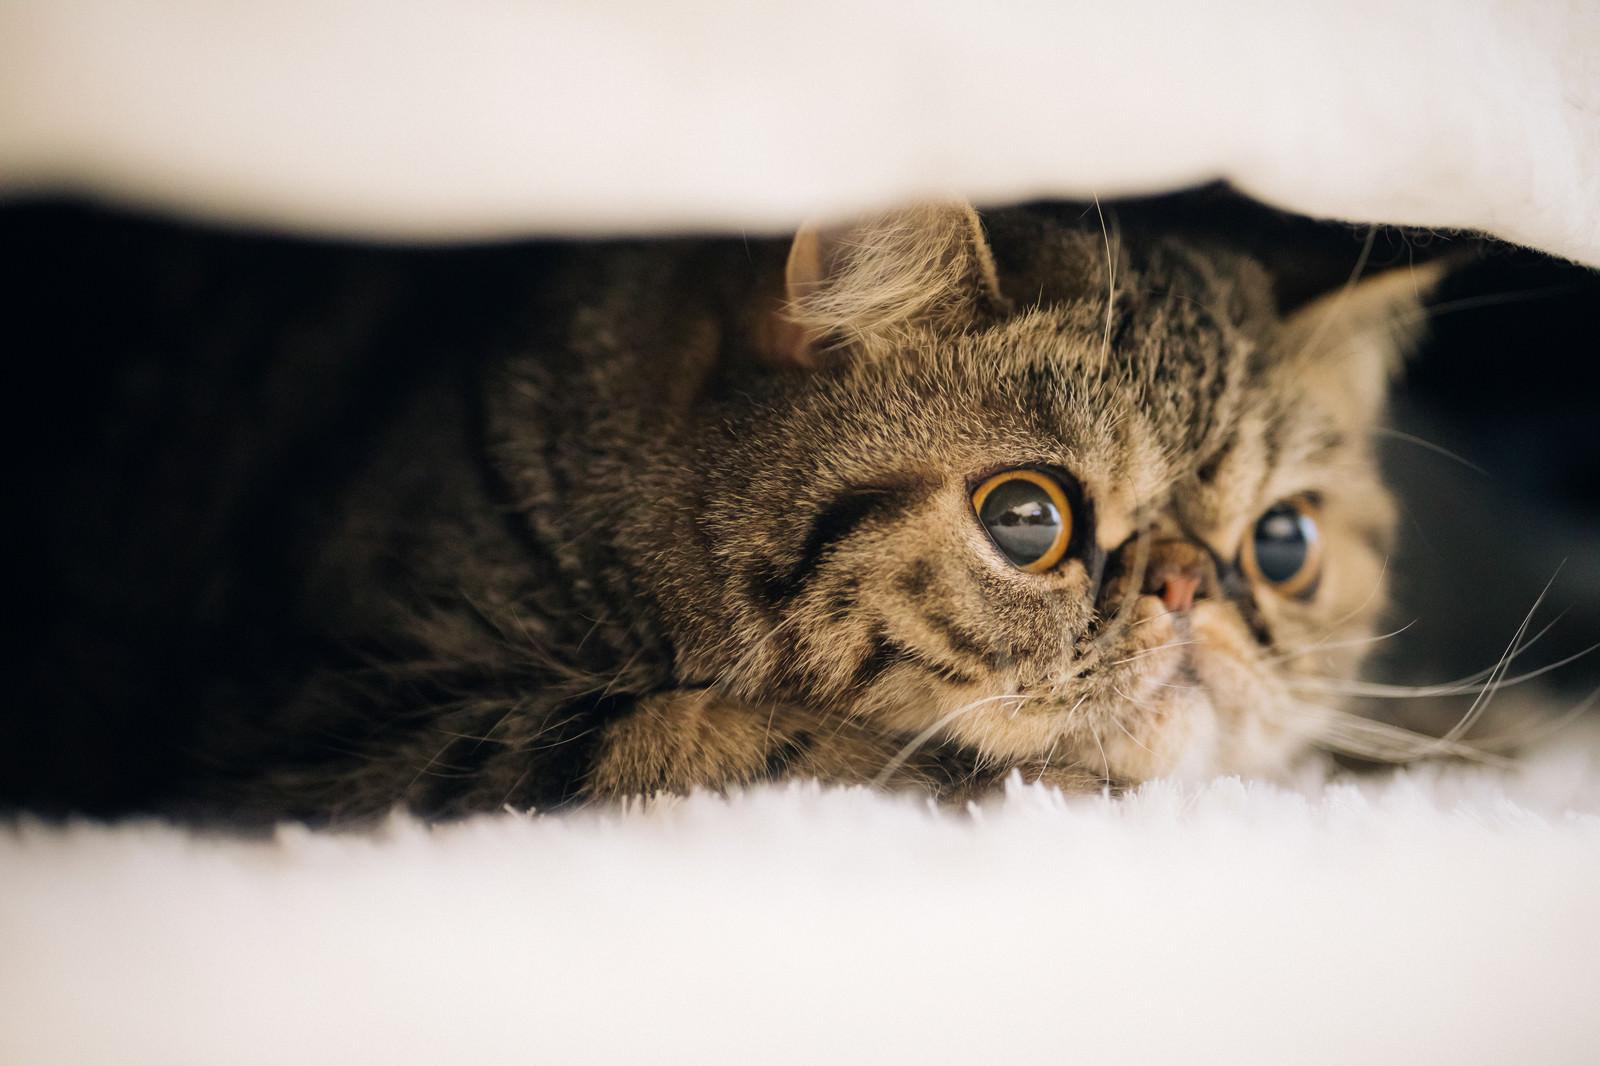 「短毛ペルシャ猫。愛嬌のあるエキゾチックショートヘア短毛ペルシャ猫。愛嬌のあるエキゾチックショートヘア」のフリー写真素材を拡大